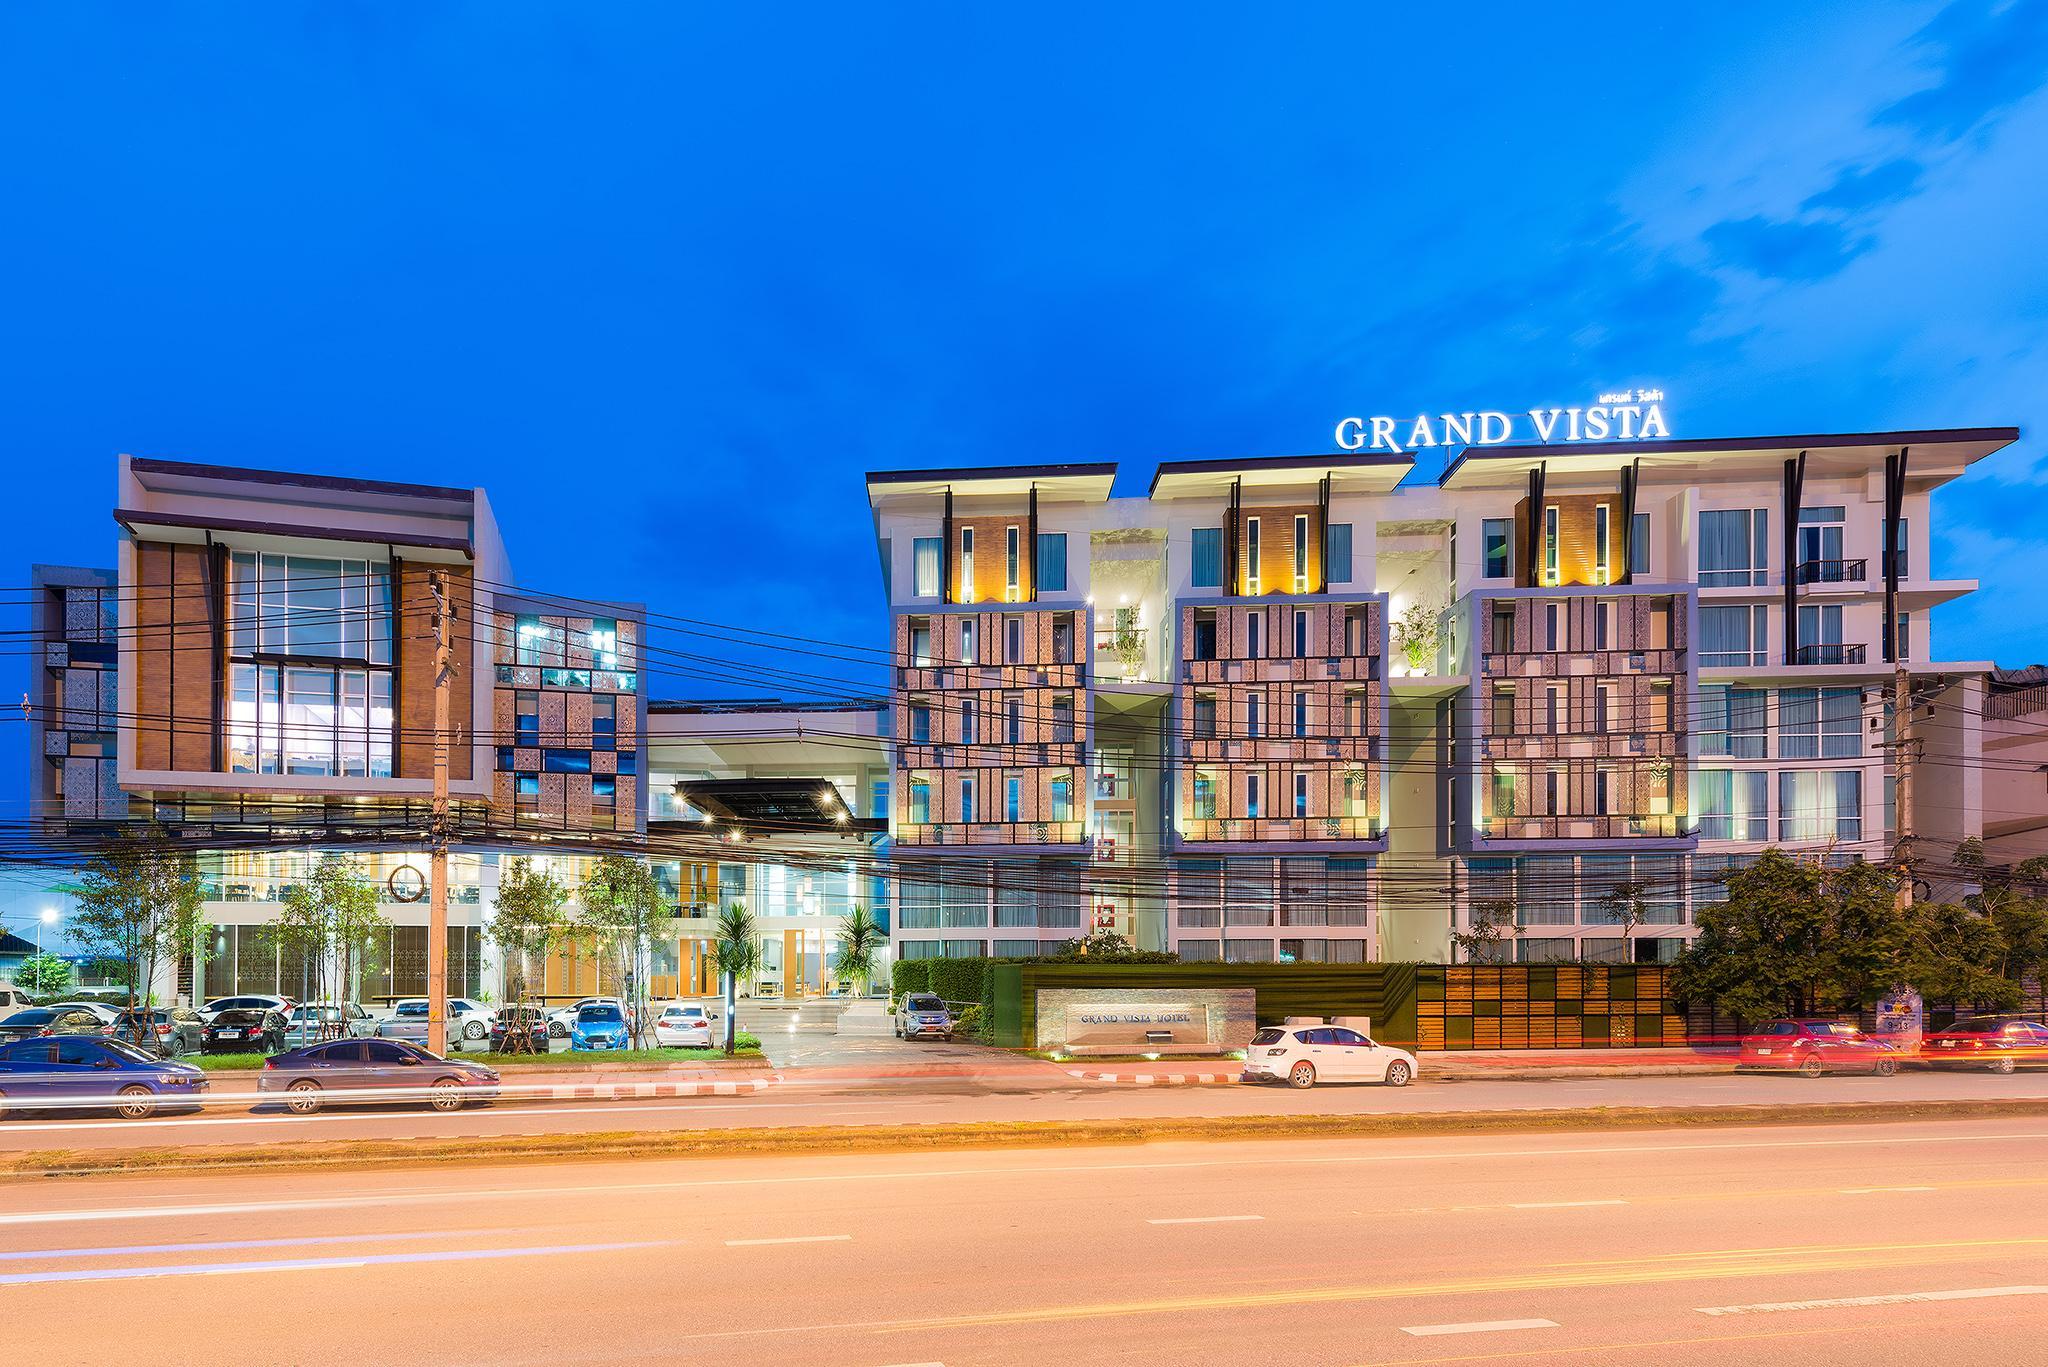 โรงแรมแกรนด์ วิสตา เชียงราย